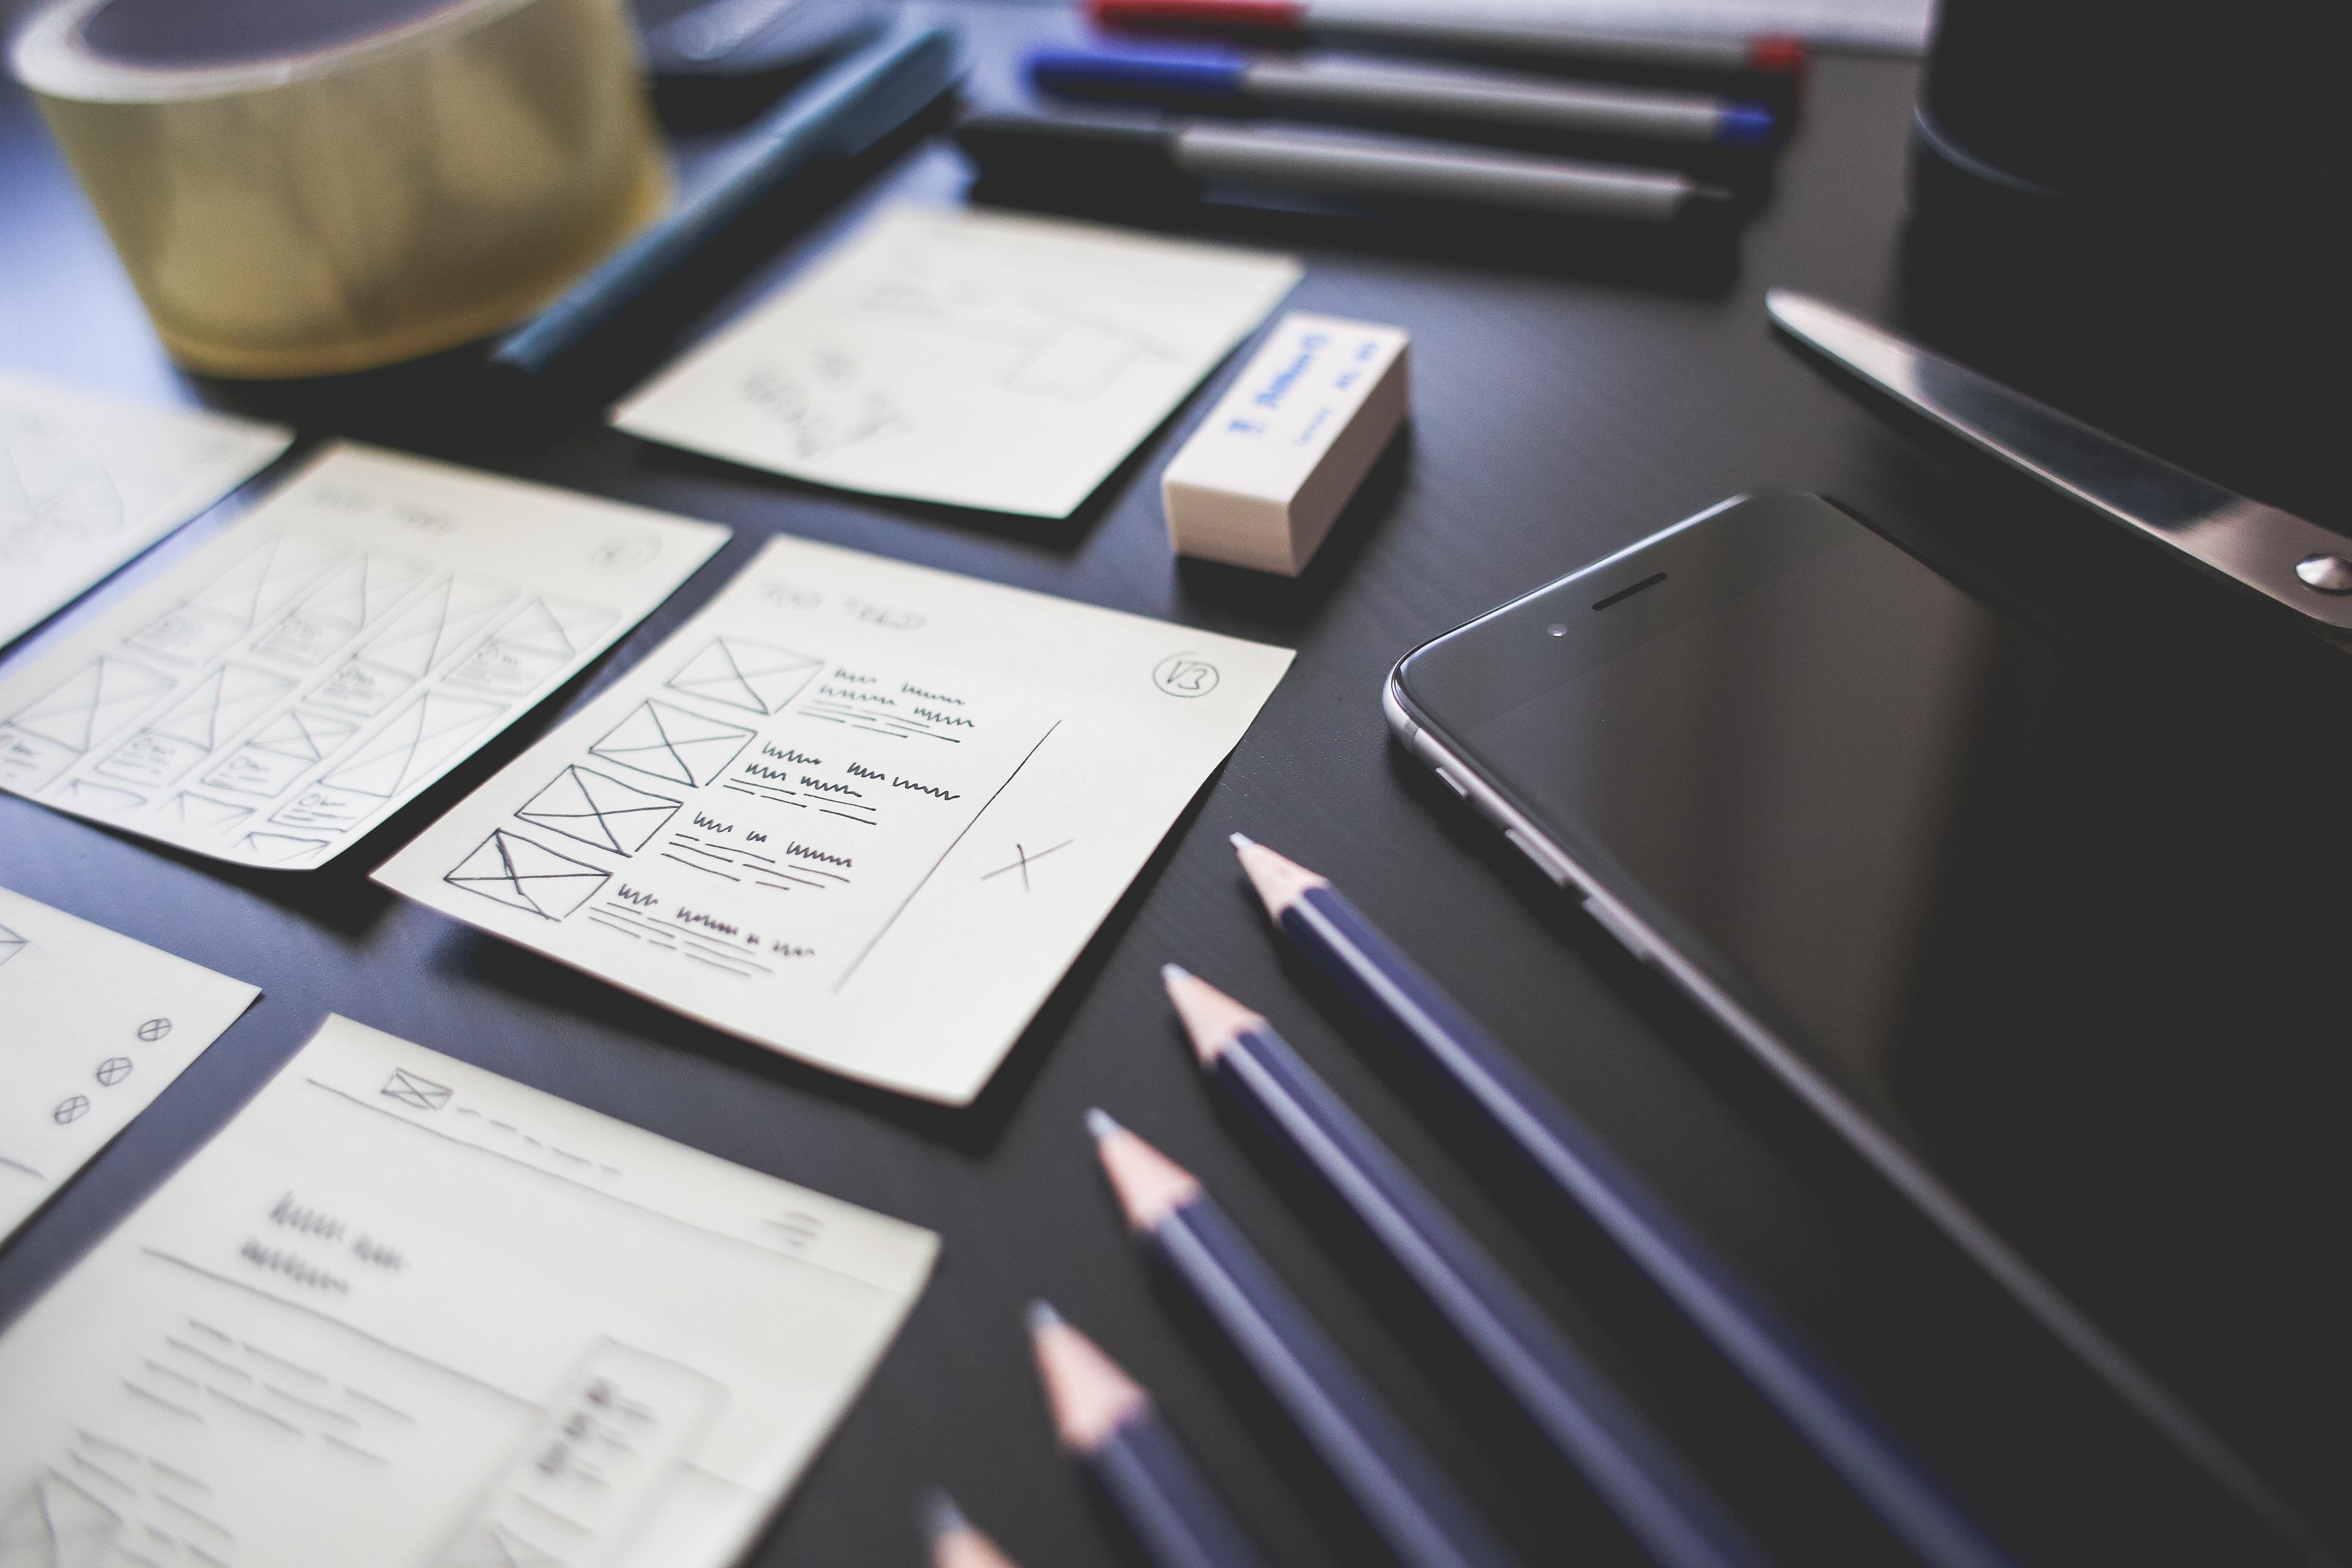 Intégration de l'ergonomie : à quel stade est votre entreprise ?